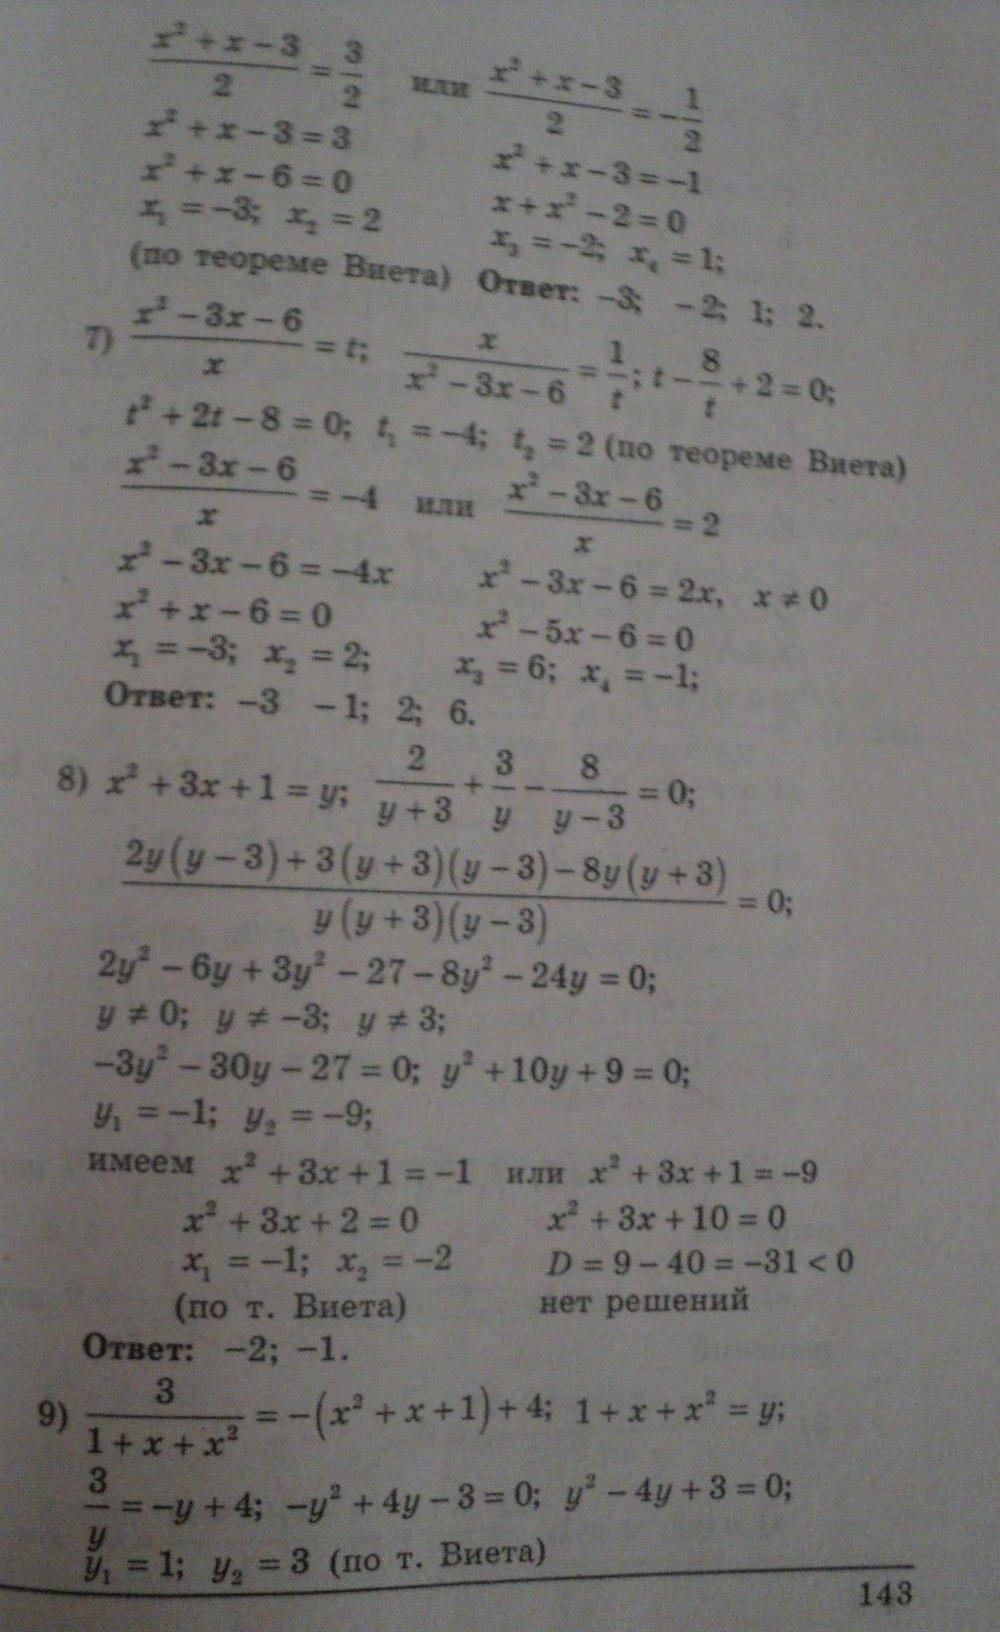 ГДЗ по алгебре 8 класс Щербань П.. Задание: стр. 143